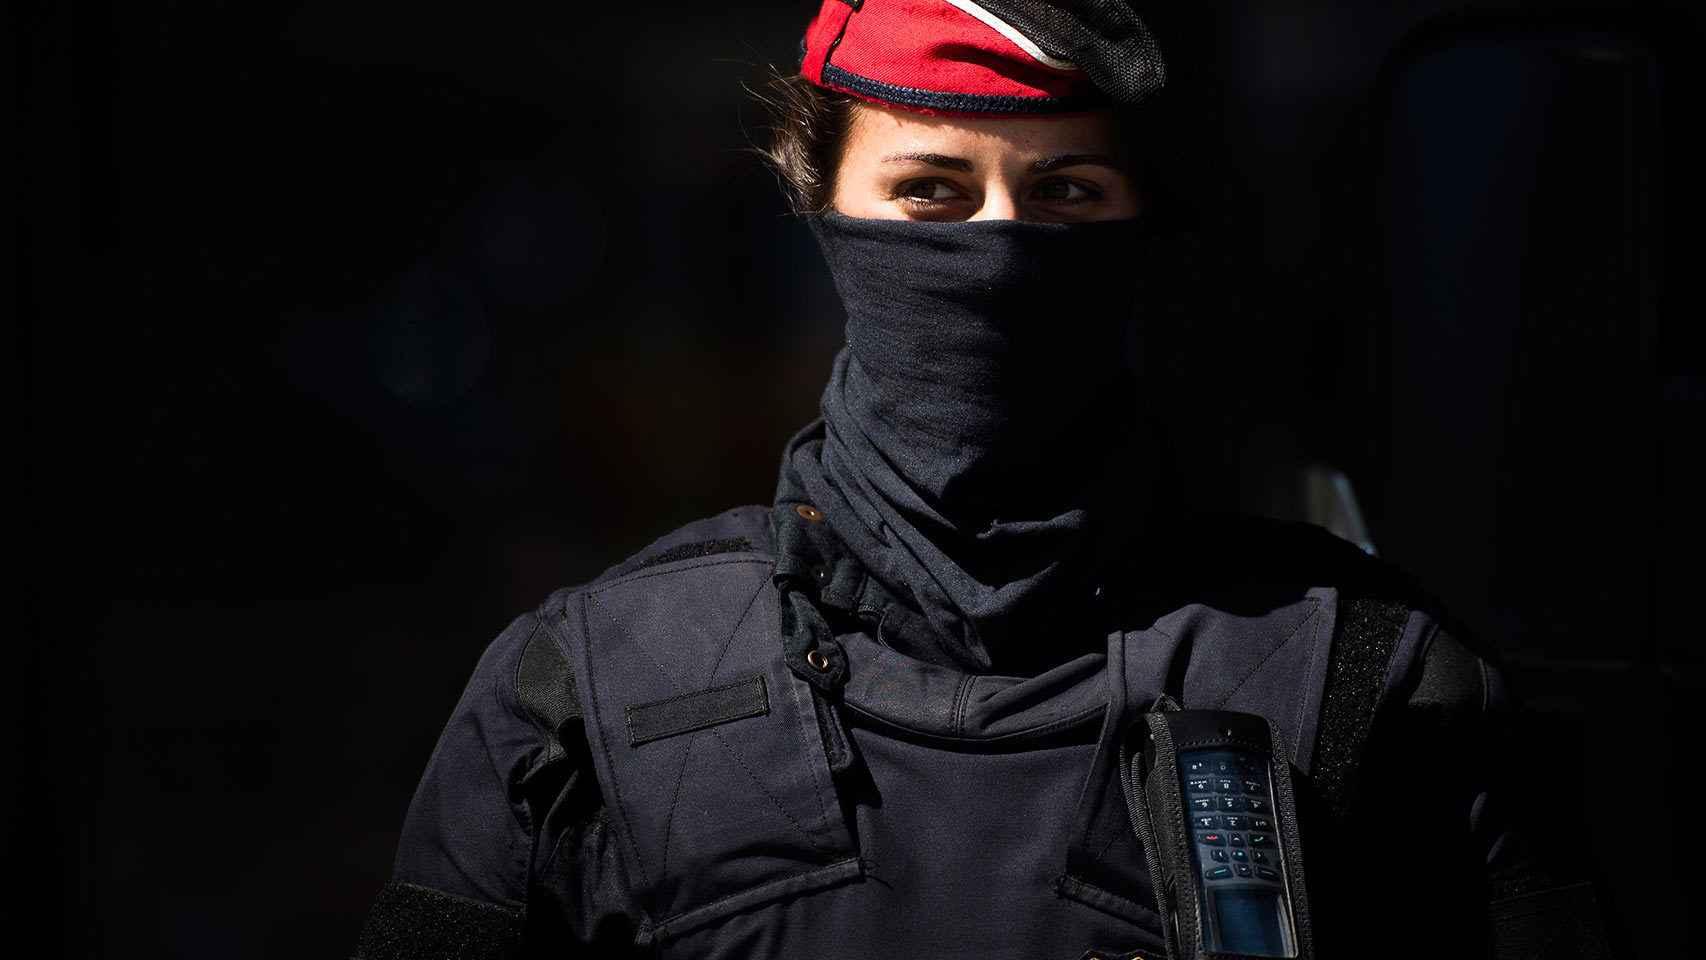 Una agente de los Mossos d'Escuadra, la policía autonómica catalana.